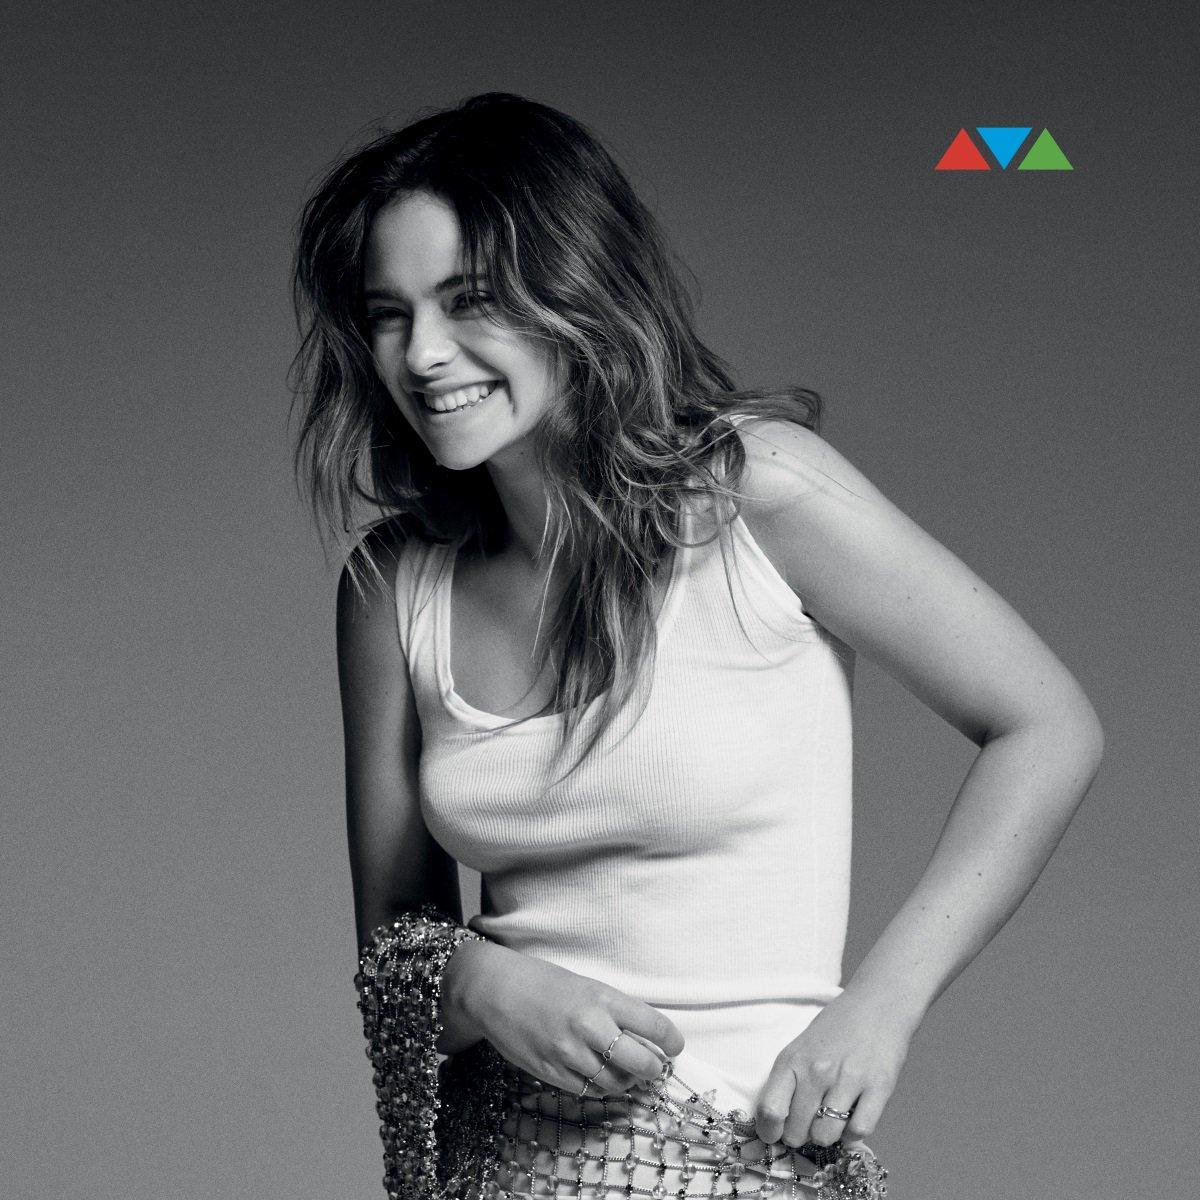 È #Tropicale il nuovo singolo di @FrancescaCheeks #Michielin, in #radio da venerdì 15 giugno